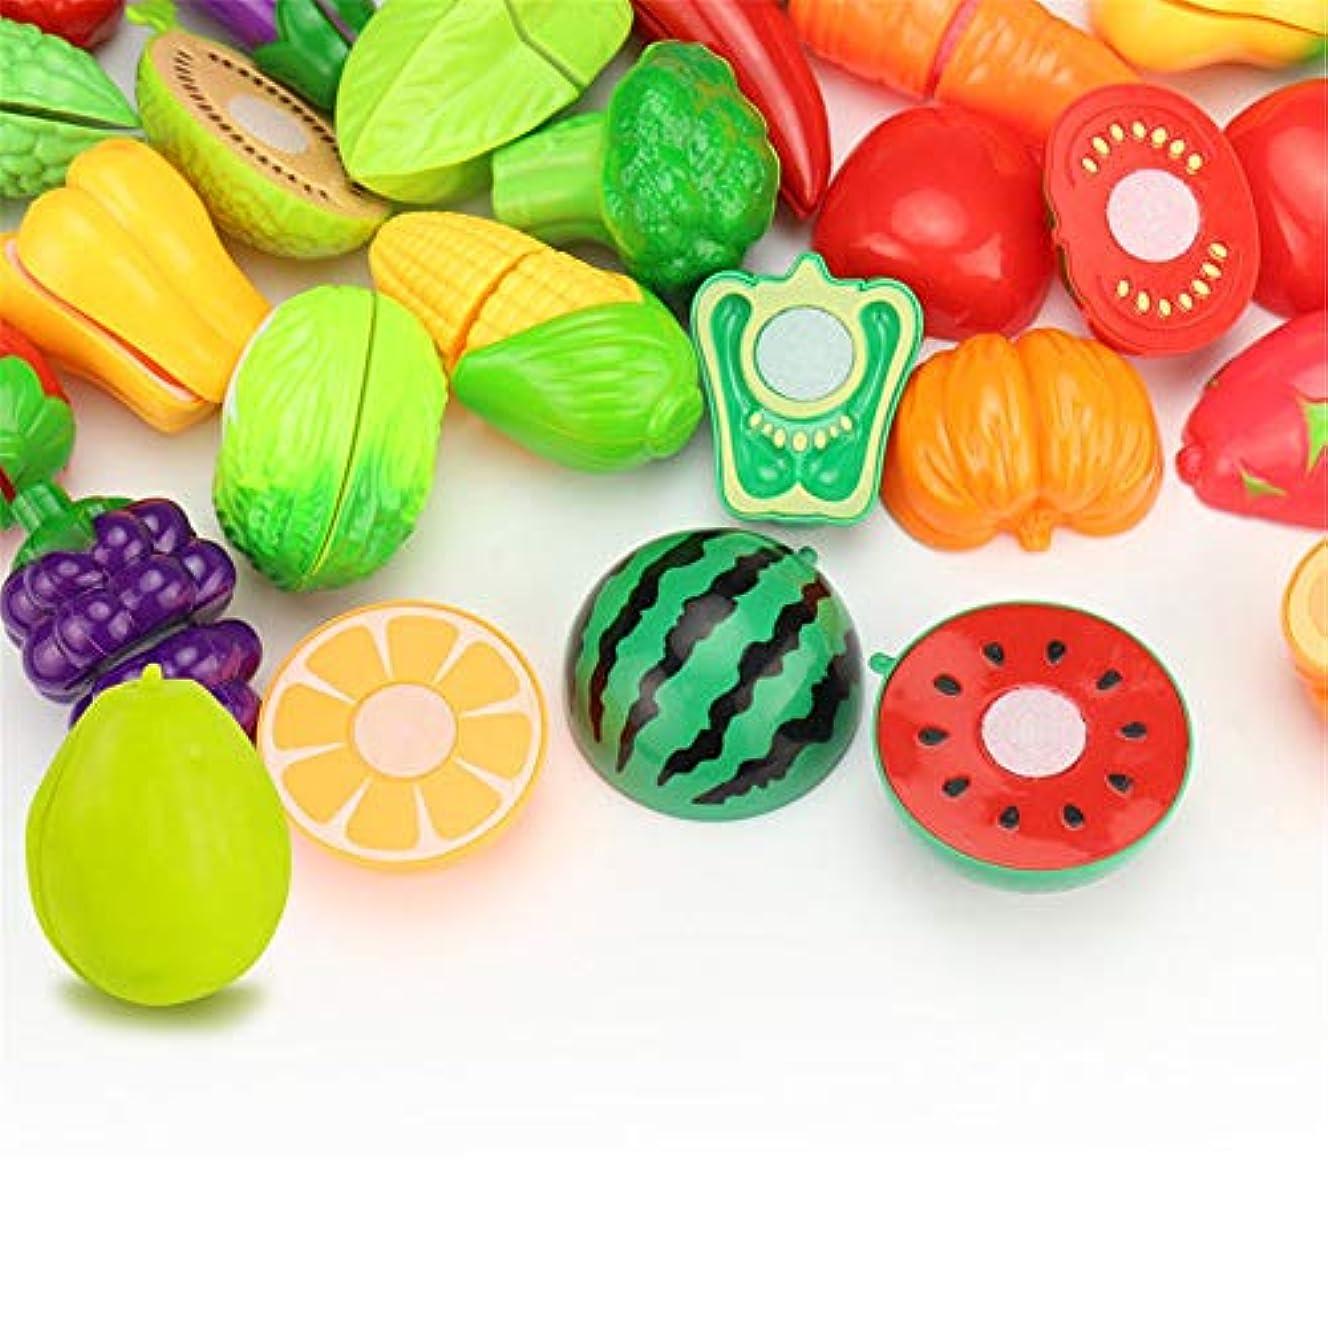 コンセンサス心臓関連付ける知育おもちゃ プラスチックカット果物と野菜ふり教育玩具子供用キッチンシリーズ食品セット 幼児教育の知的おもちゃ